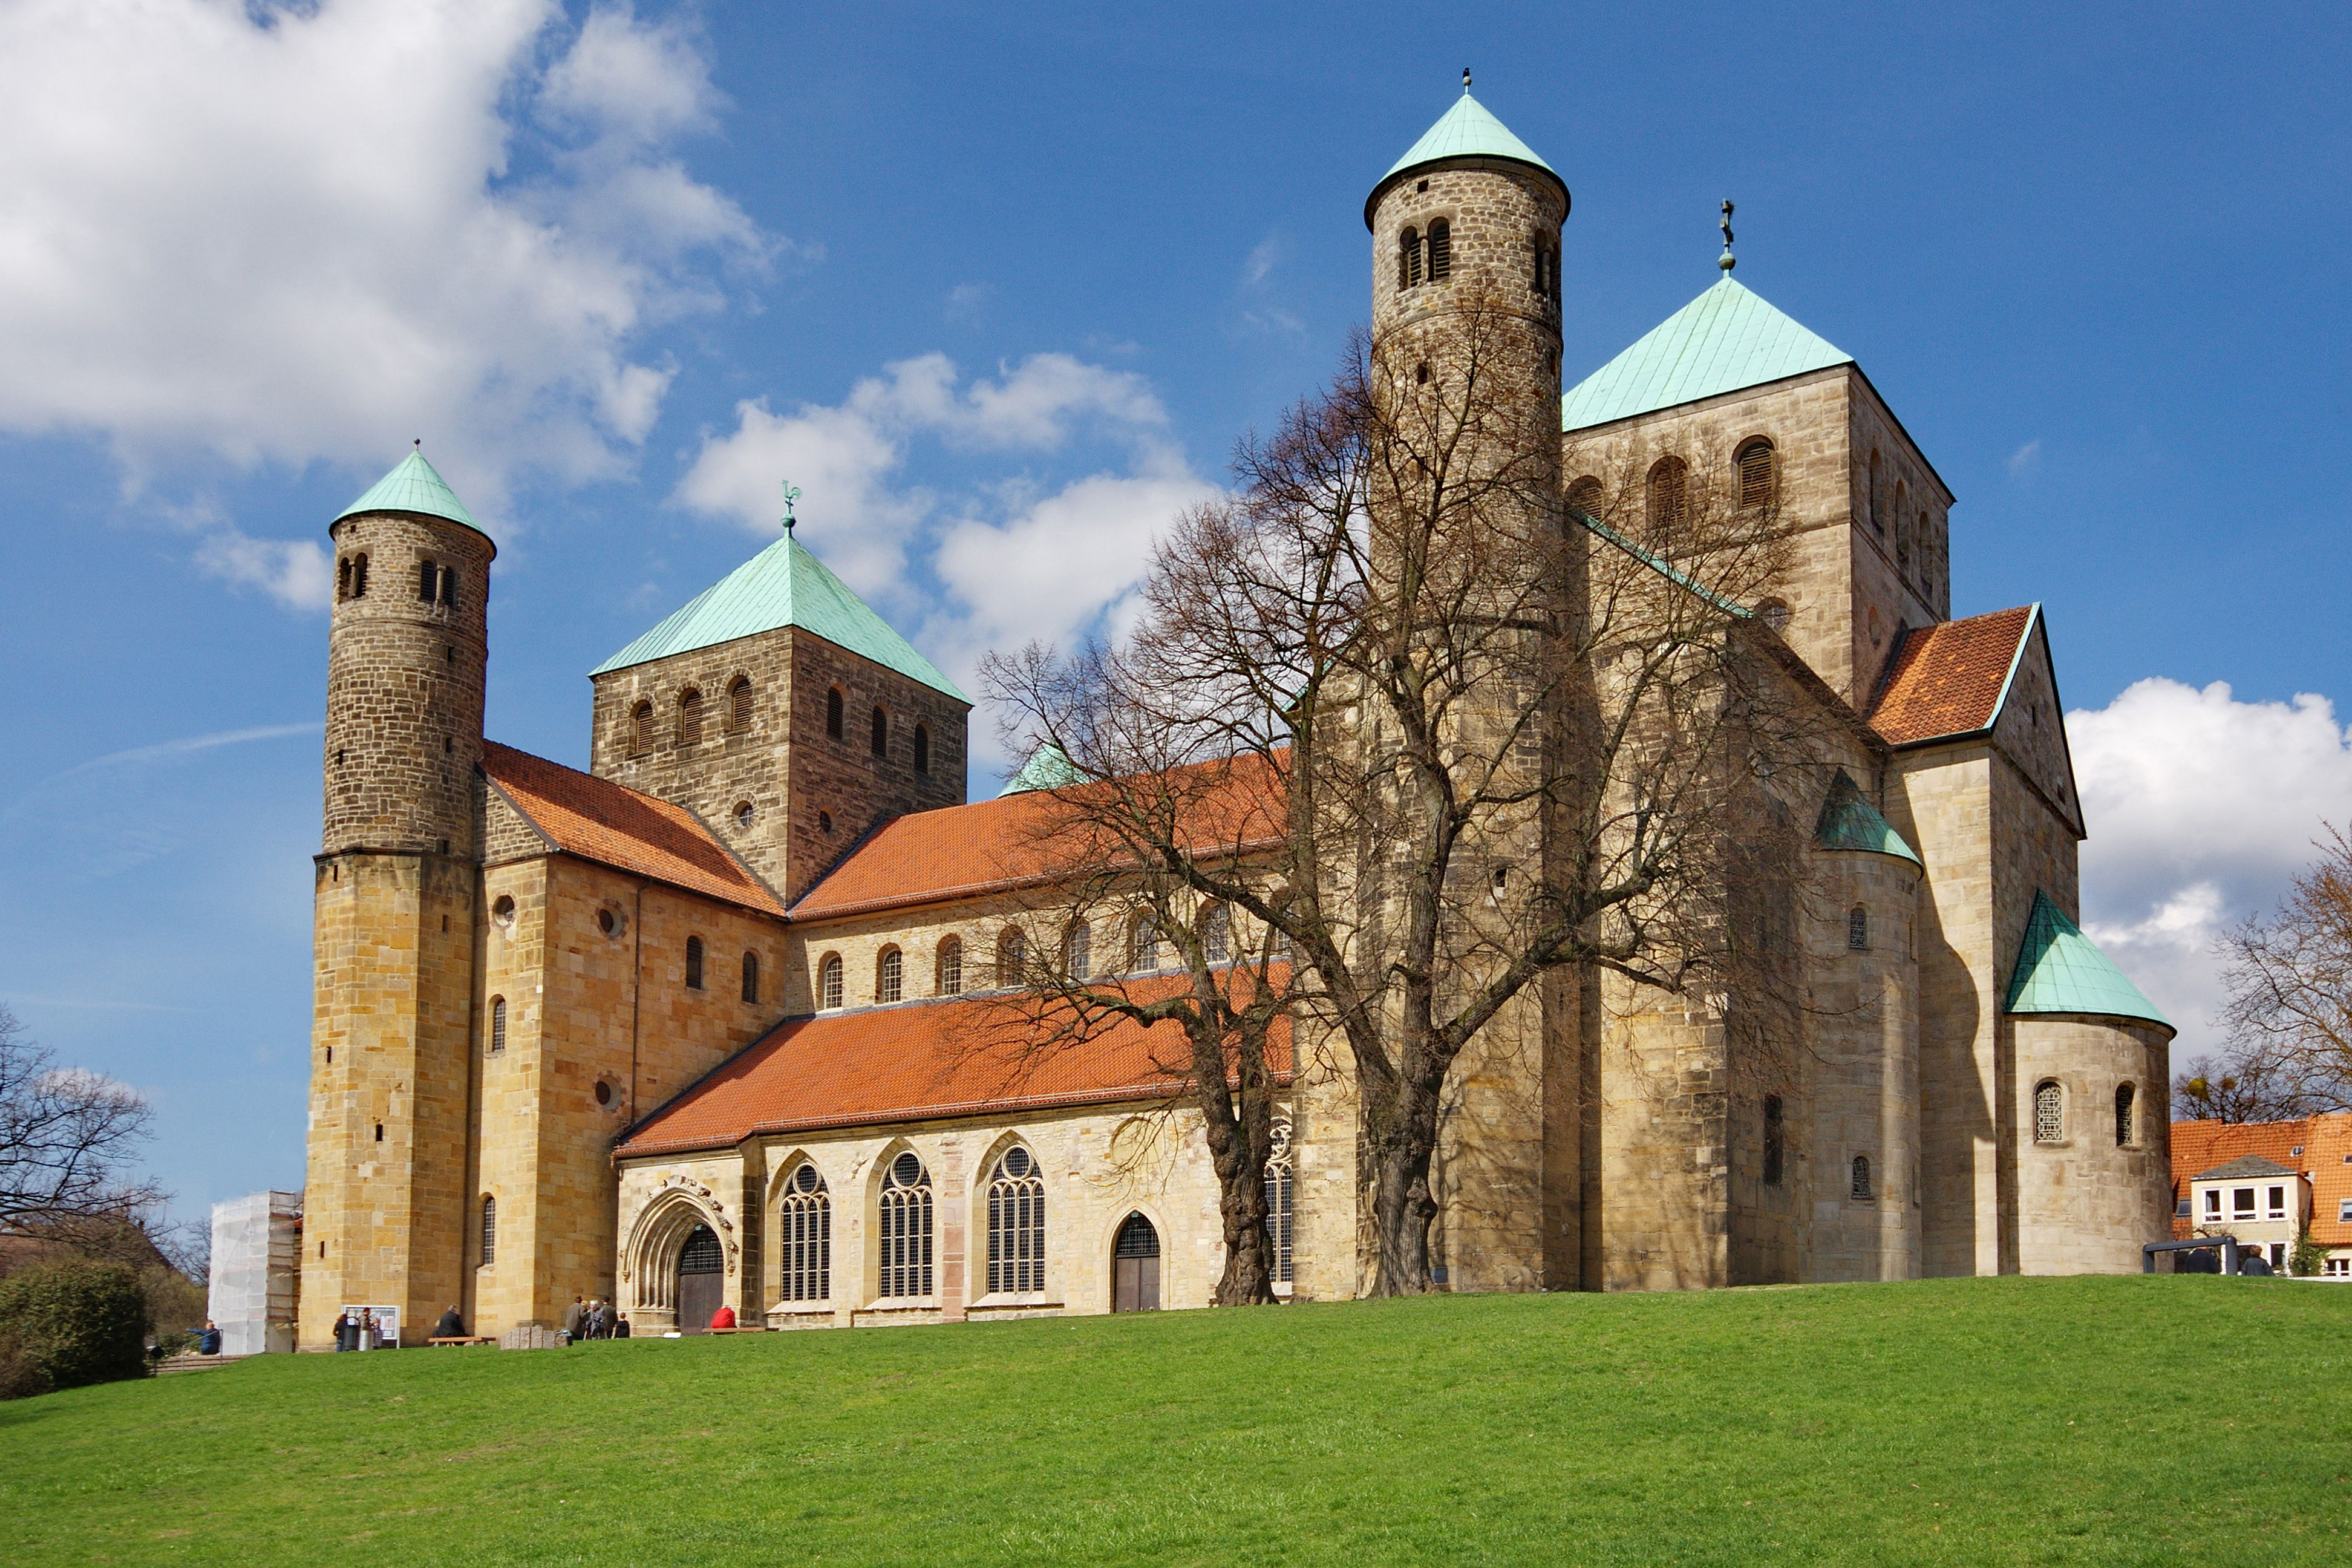 Eglise Abbatiale Saint Michel De Hildesheim Allemagne Basse Saxe Edifiee Entre 1010 Et 1033 Reprise Du Plan Basilical A Deux P Kathedrale Kirchen Moschee